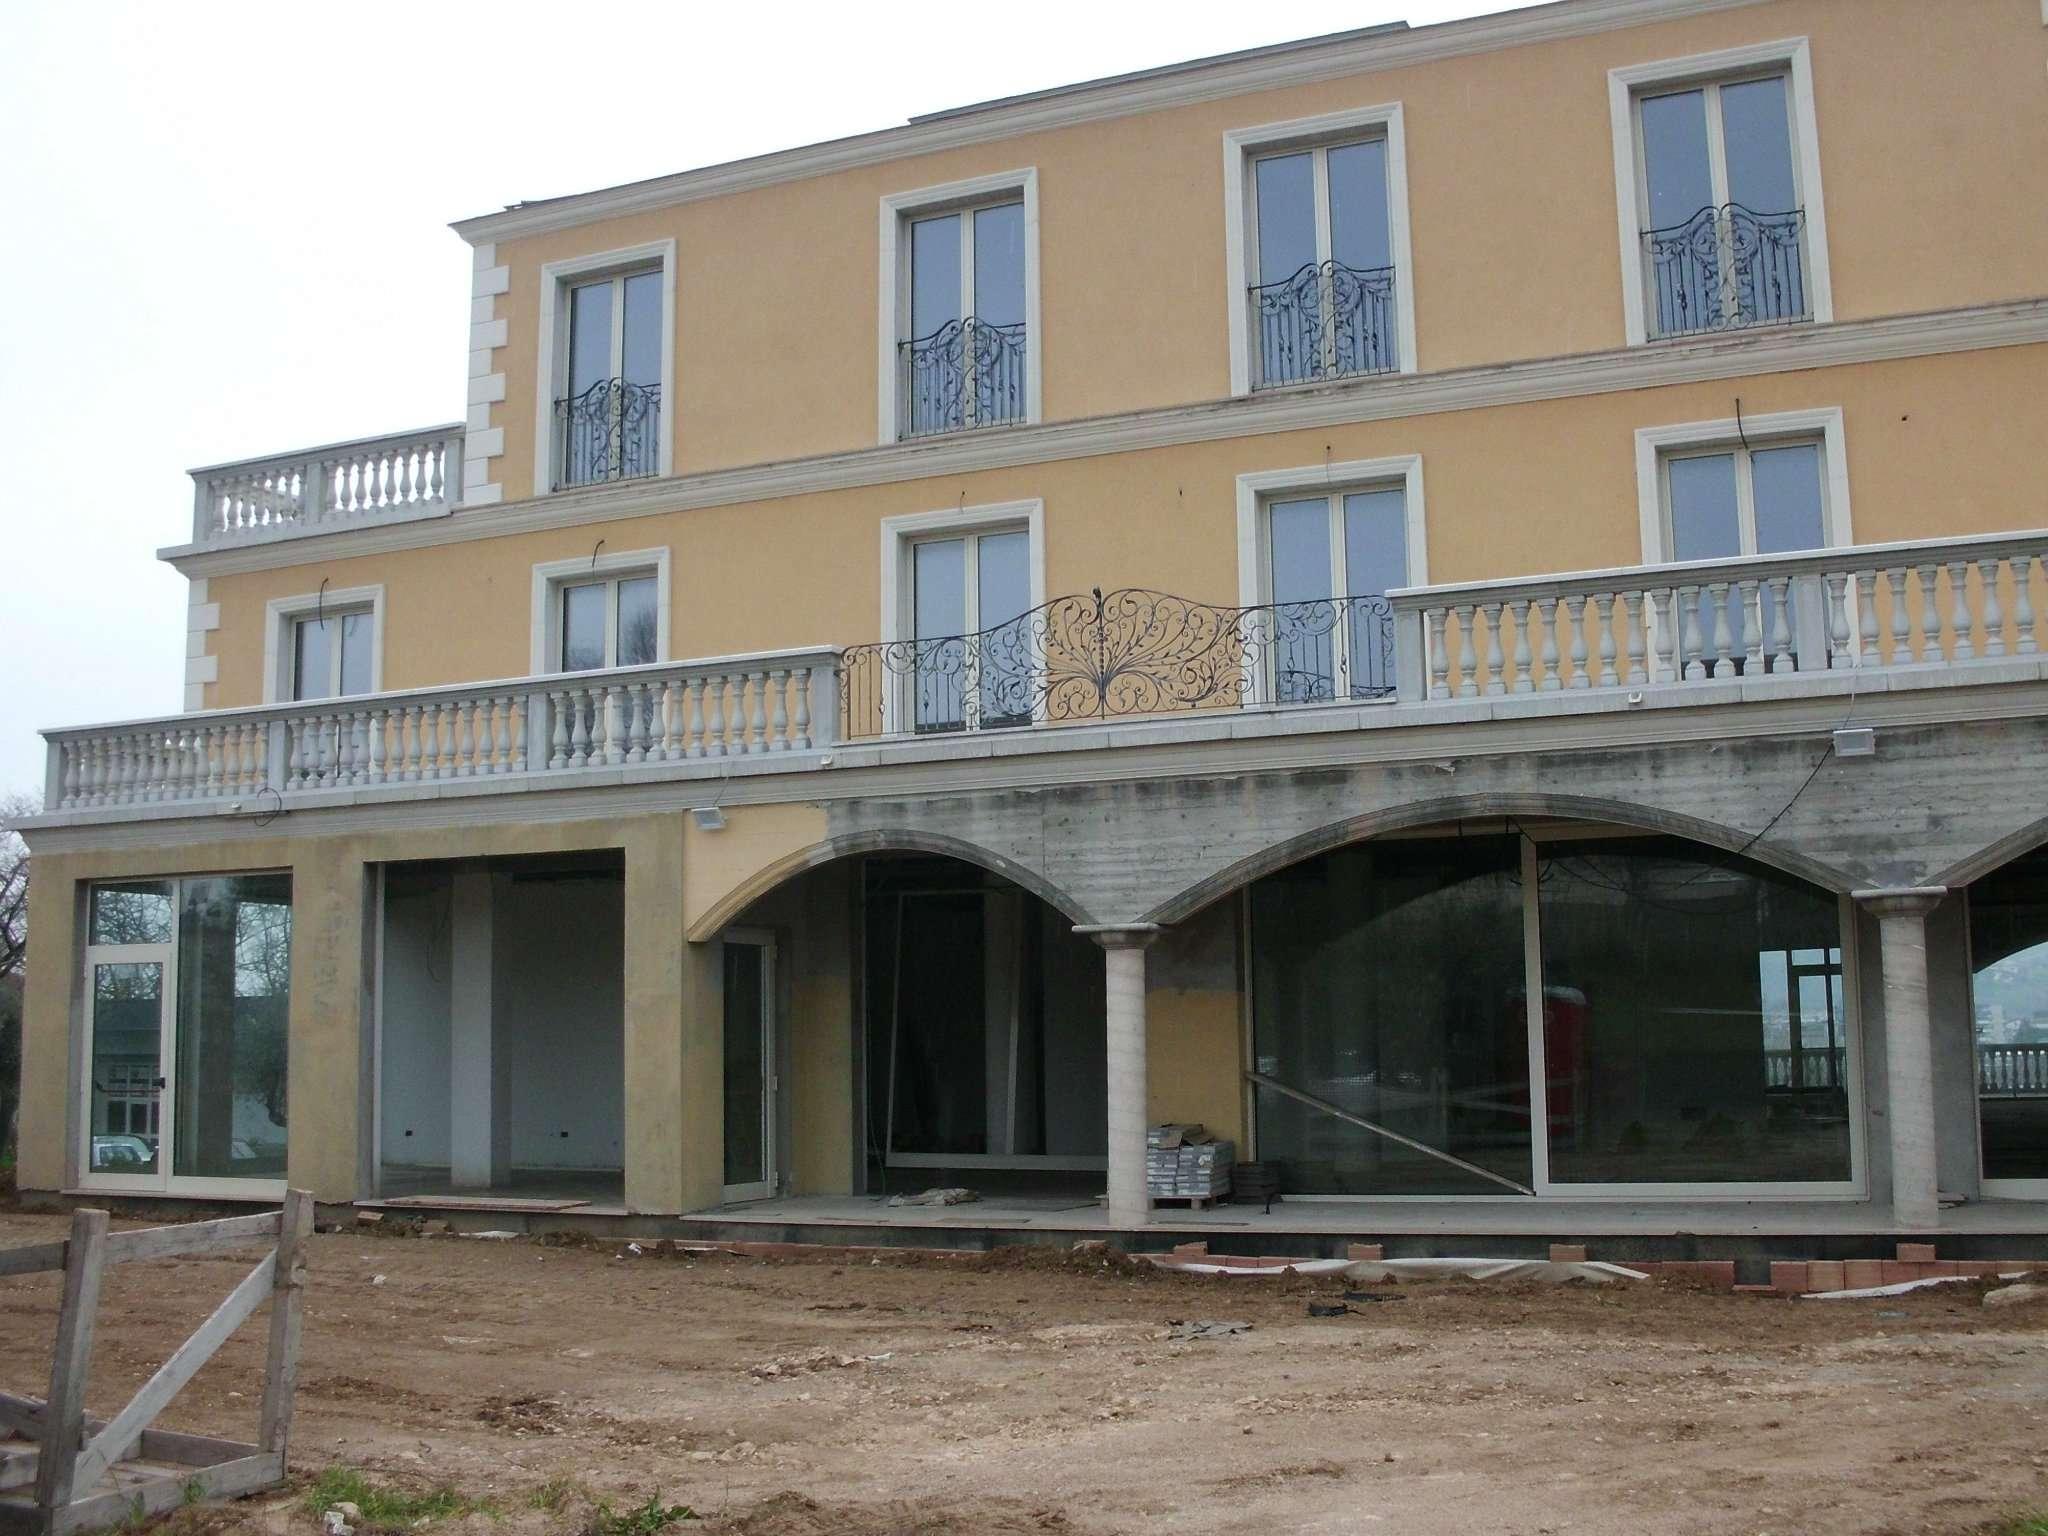 Negozio / Locale in affitto a Città Sant'Angelo, 4 locali, prezzo € 2.600 | CambioCasa.it